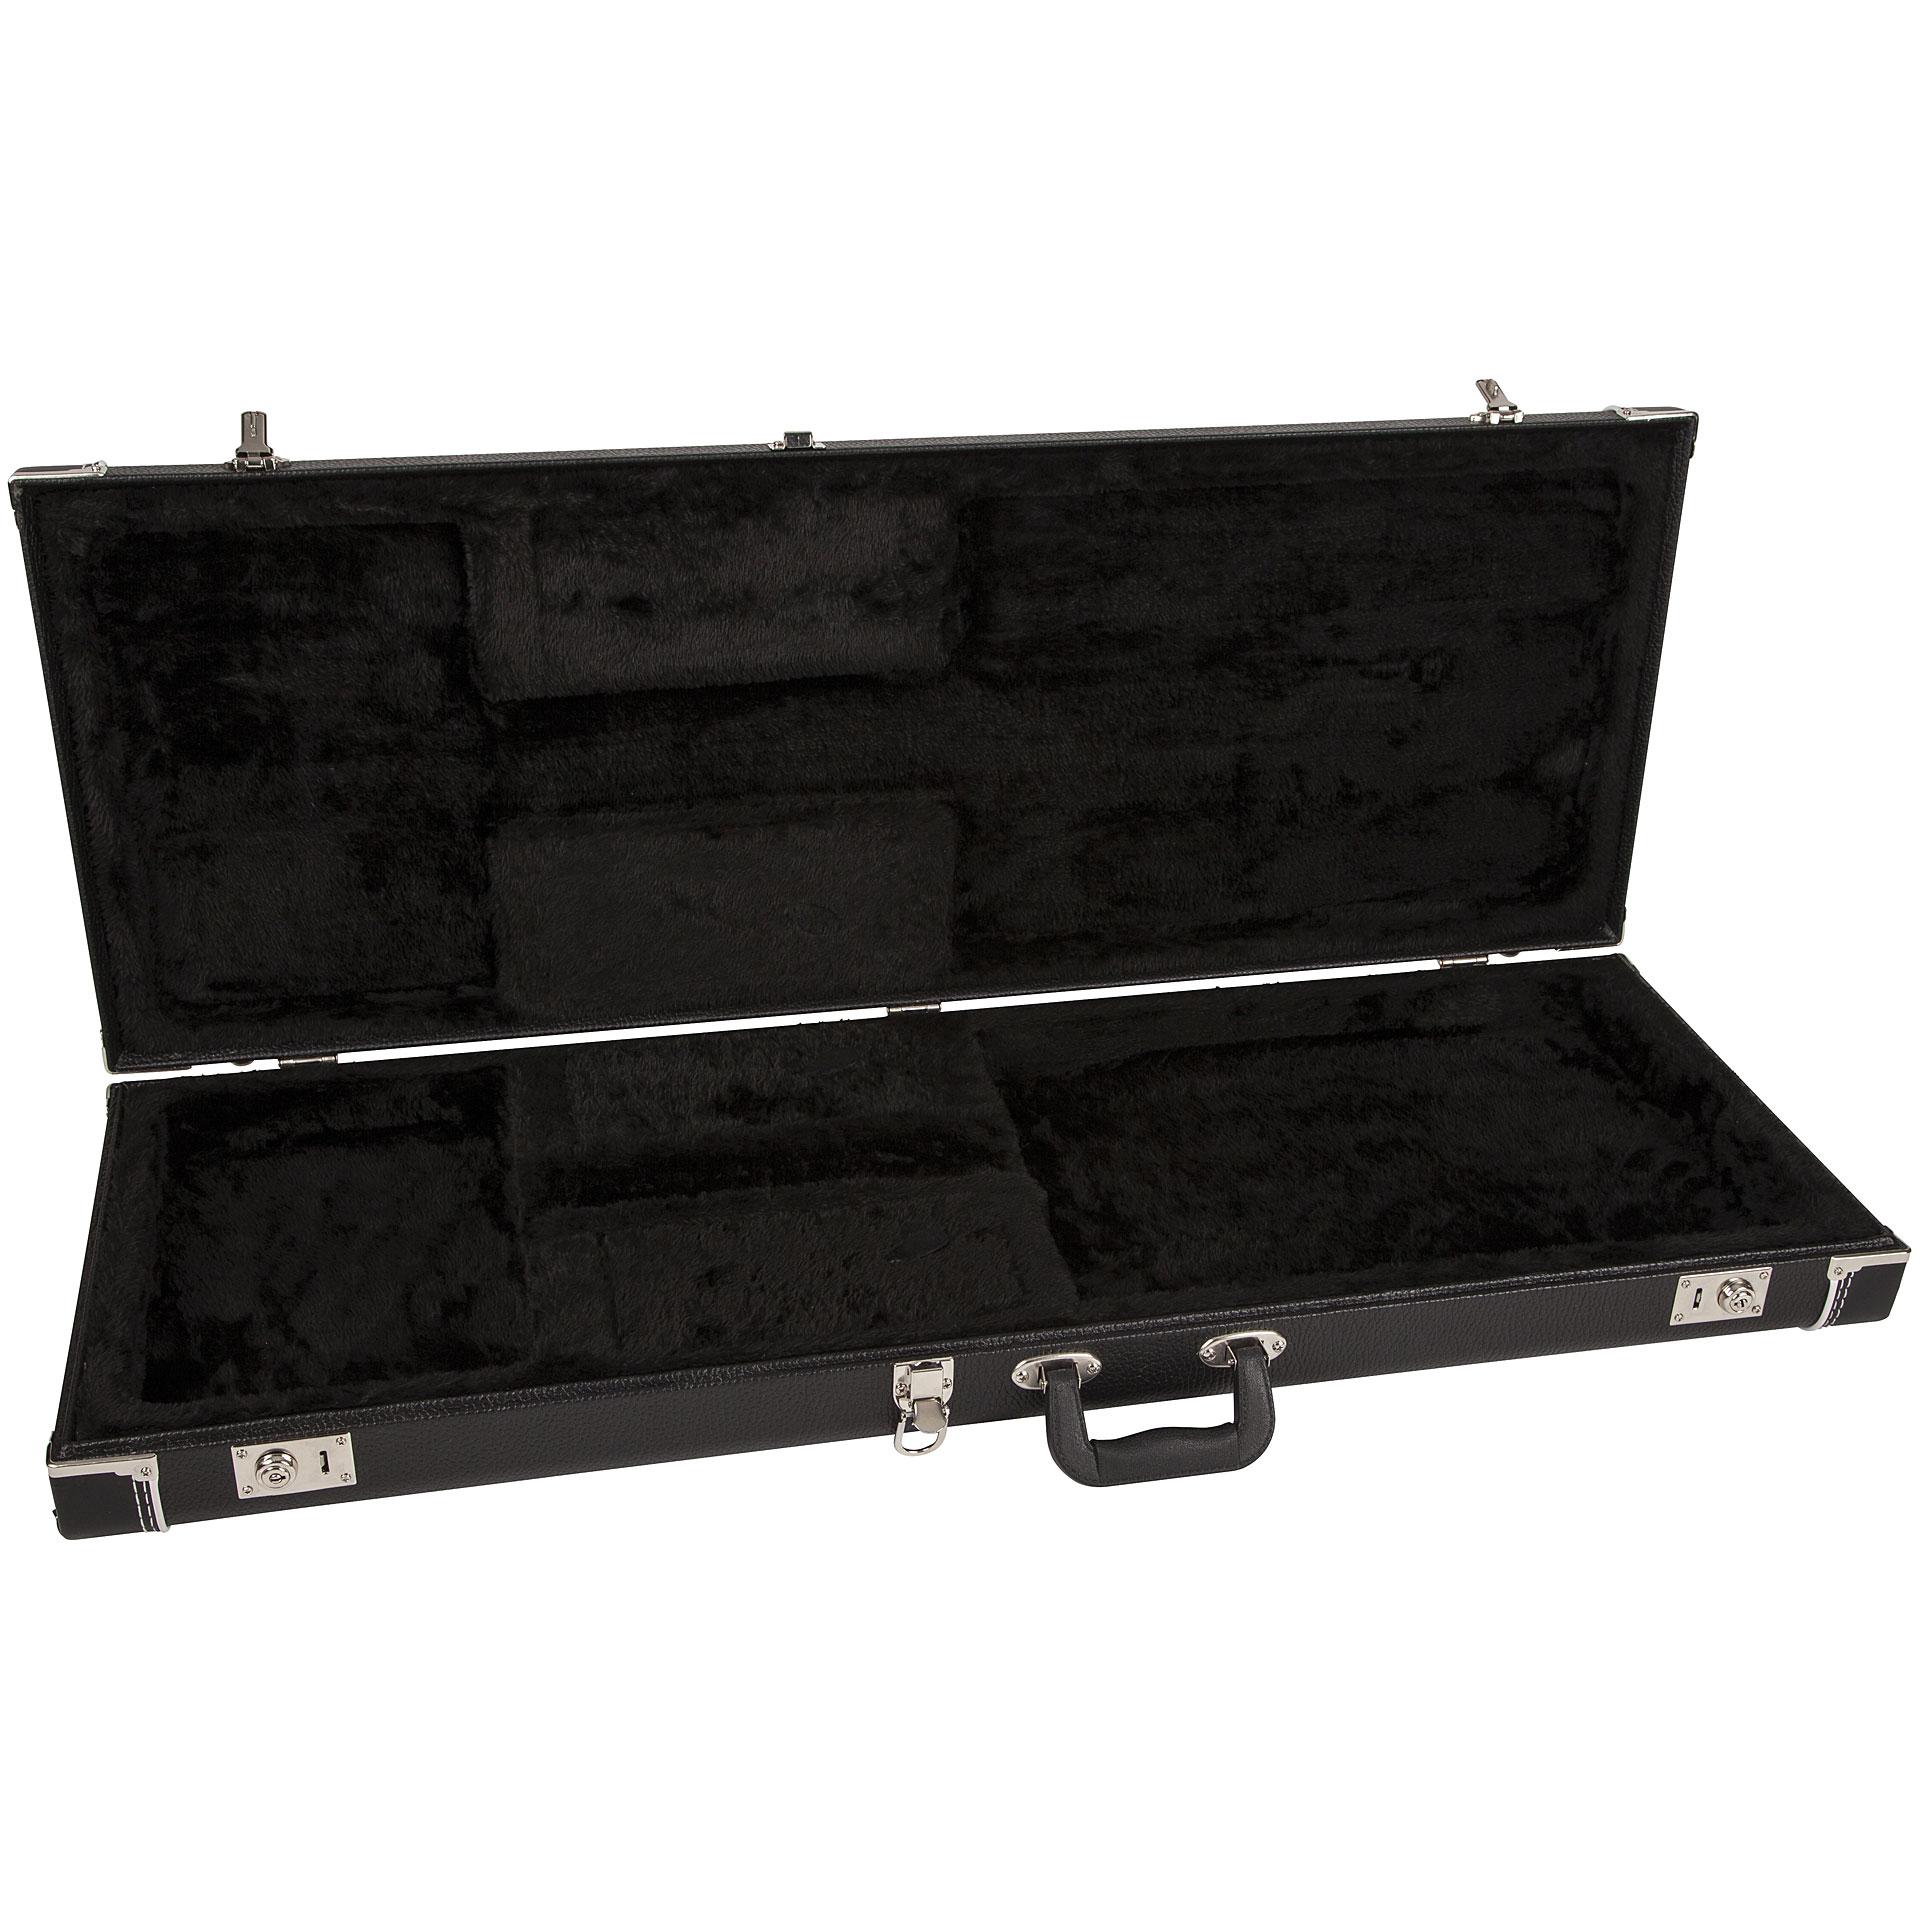 fender pro serie strat tele black electric guitar case. Black Bedroom Furniture Sets. Home Design Ideas